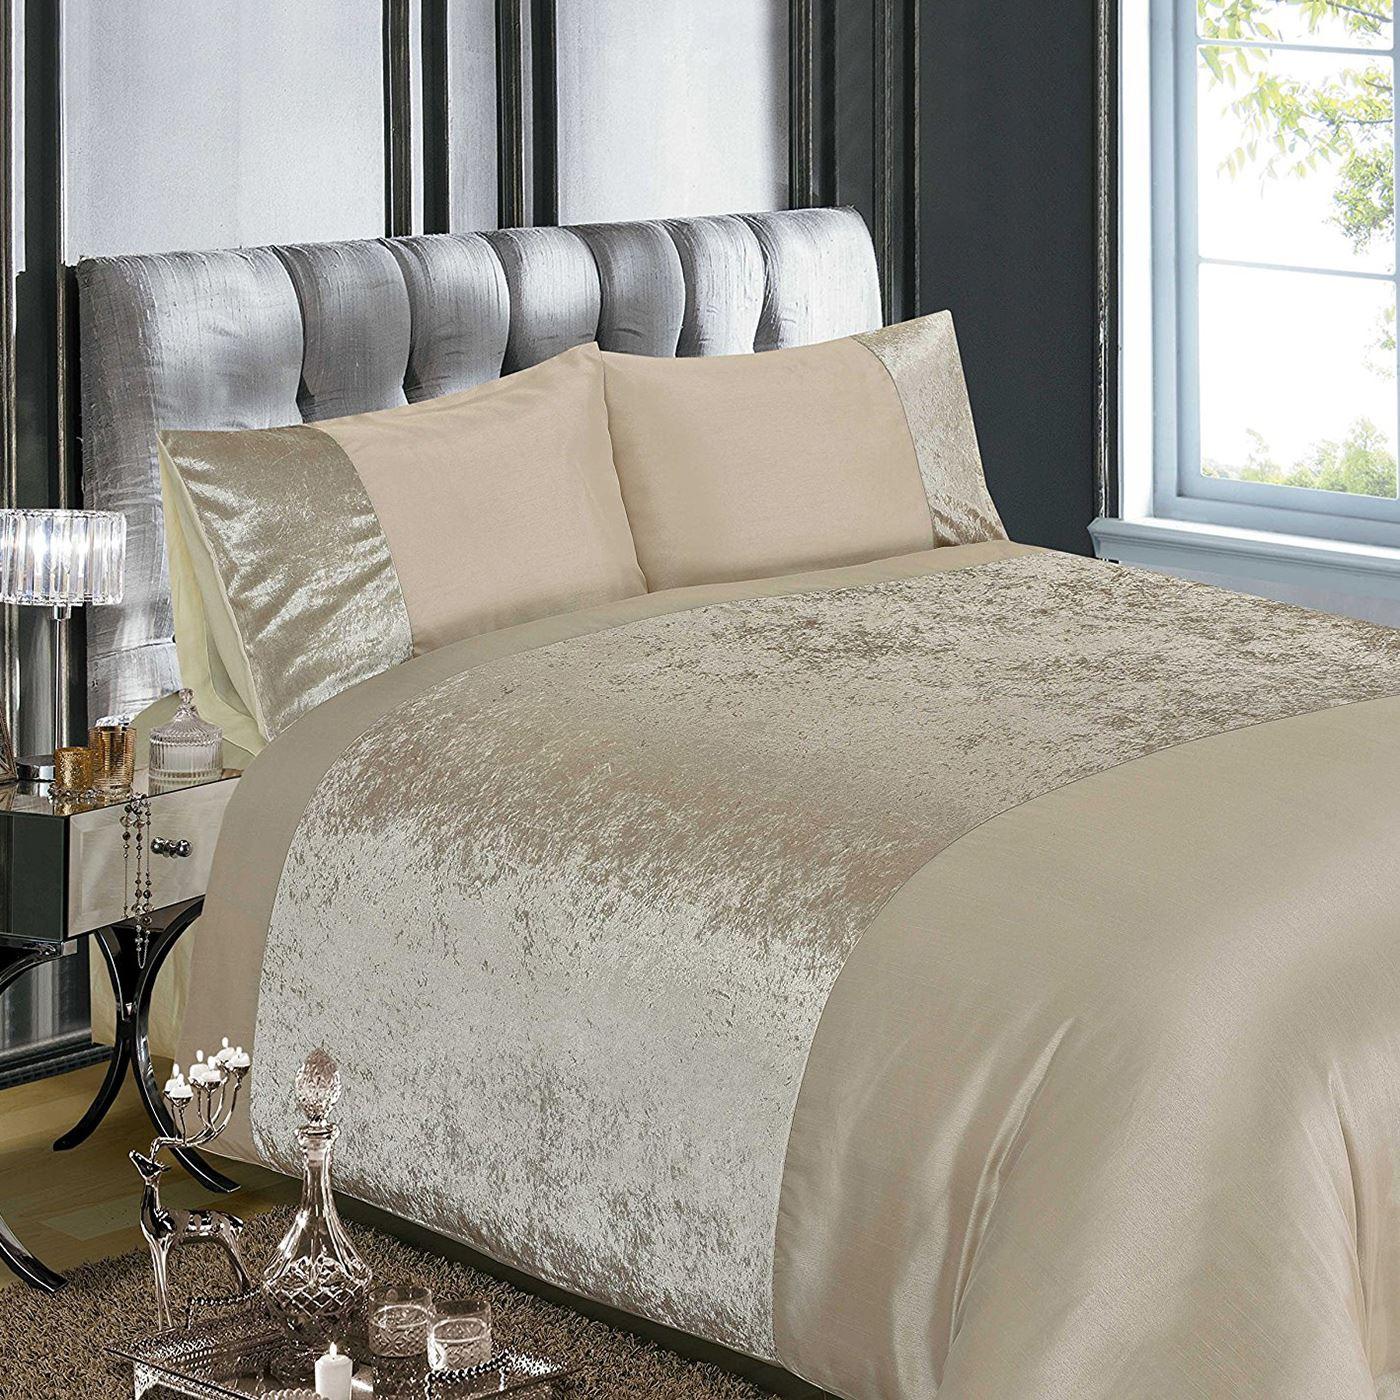 luxury embellished duvet cover sets diamante velvet. Black Bedroom Furniture Sets. Home Design Ideas